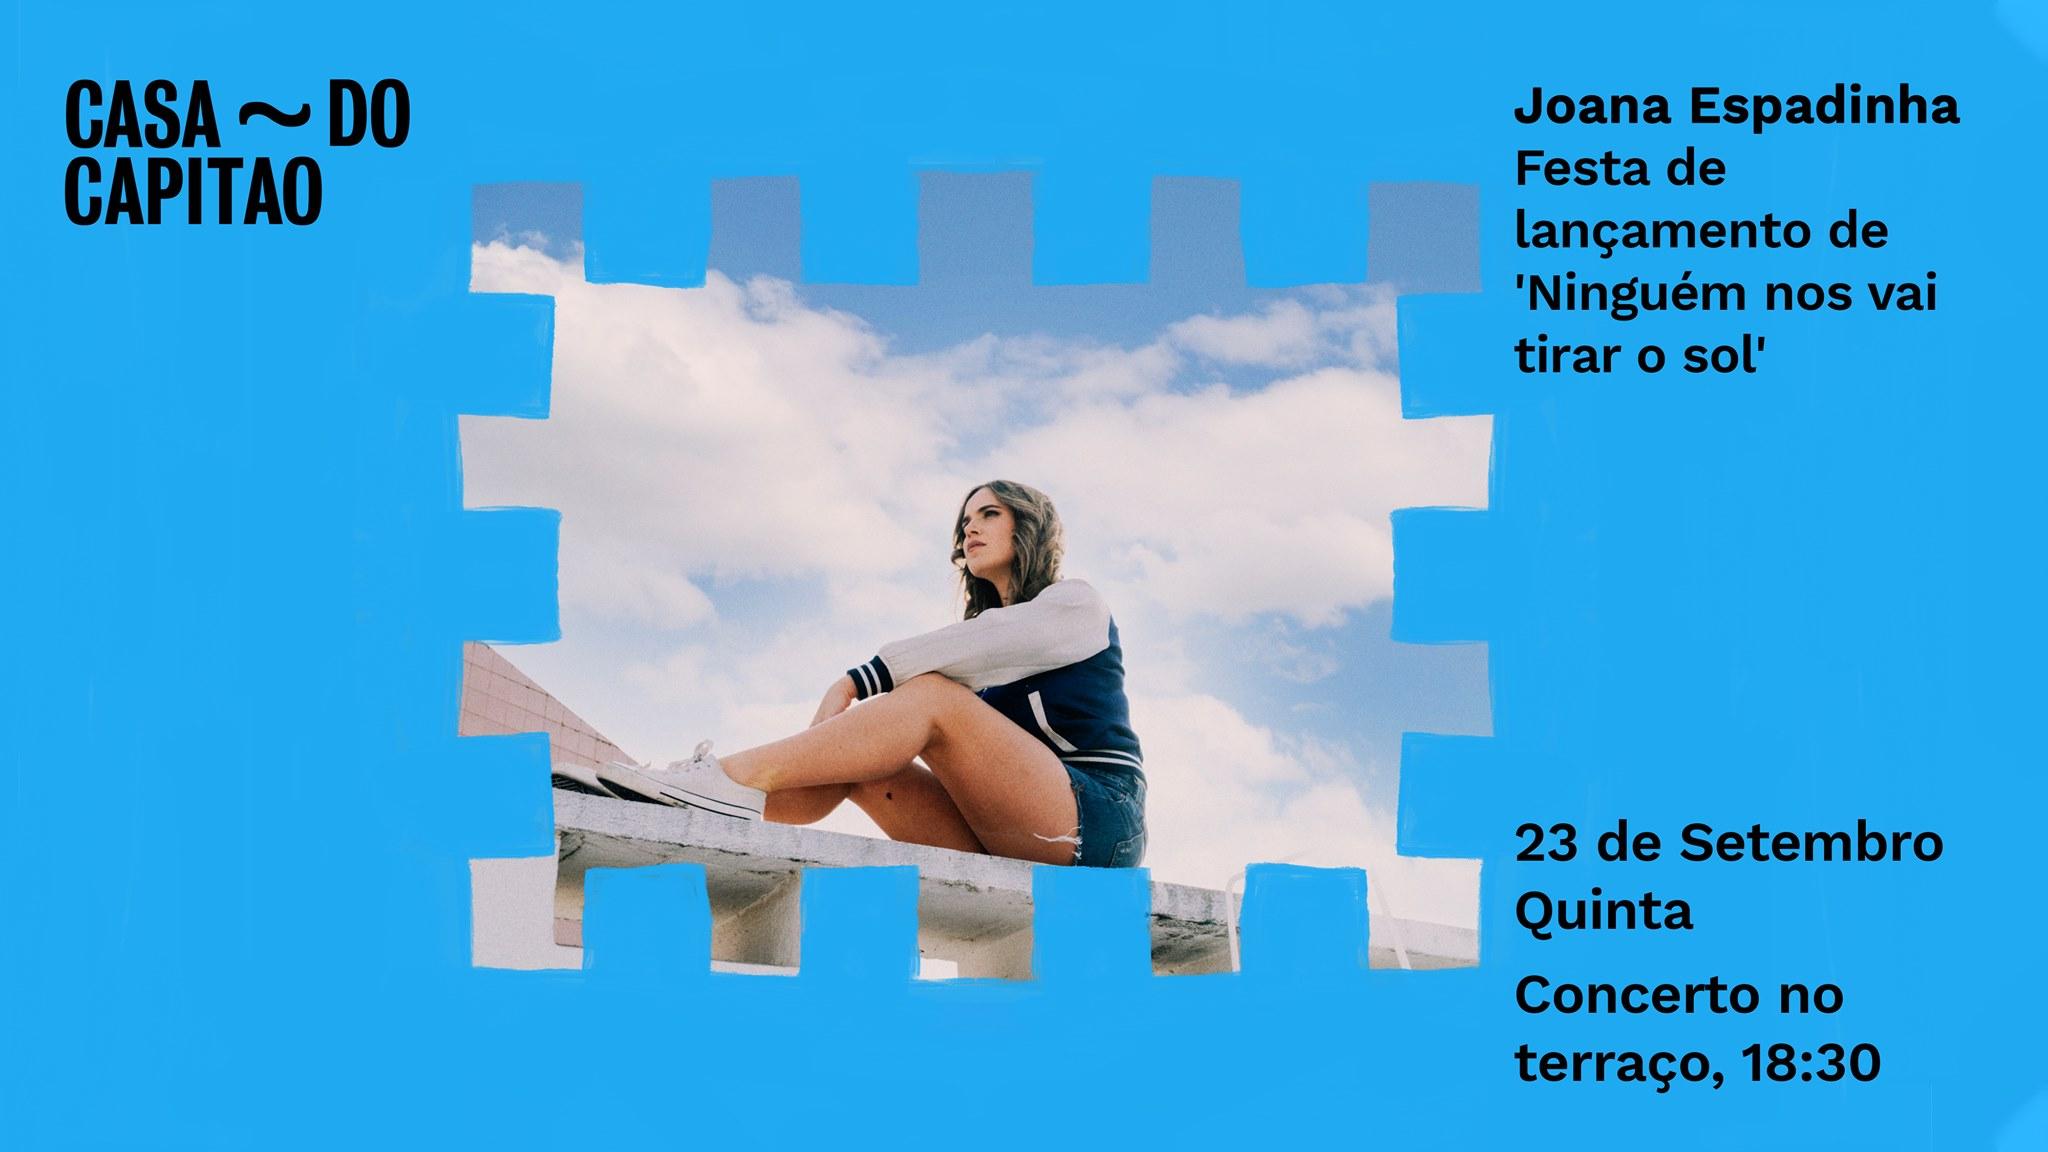 Joana Espadinha - Festa de lançamento de 'Ninguém nos vai tirar o sol' • concerto no terraço